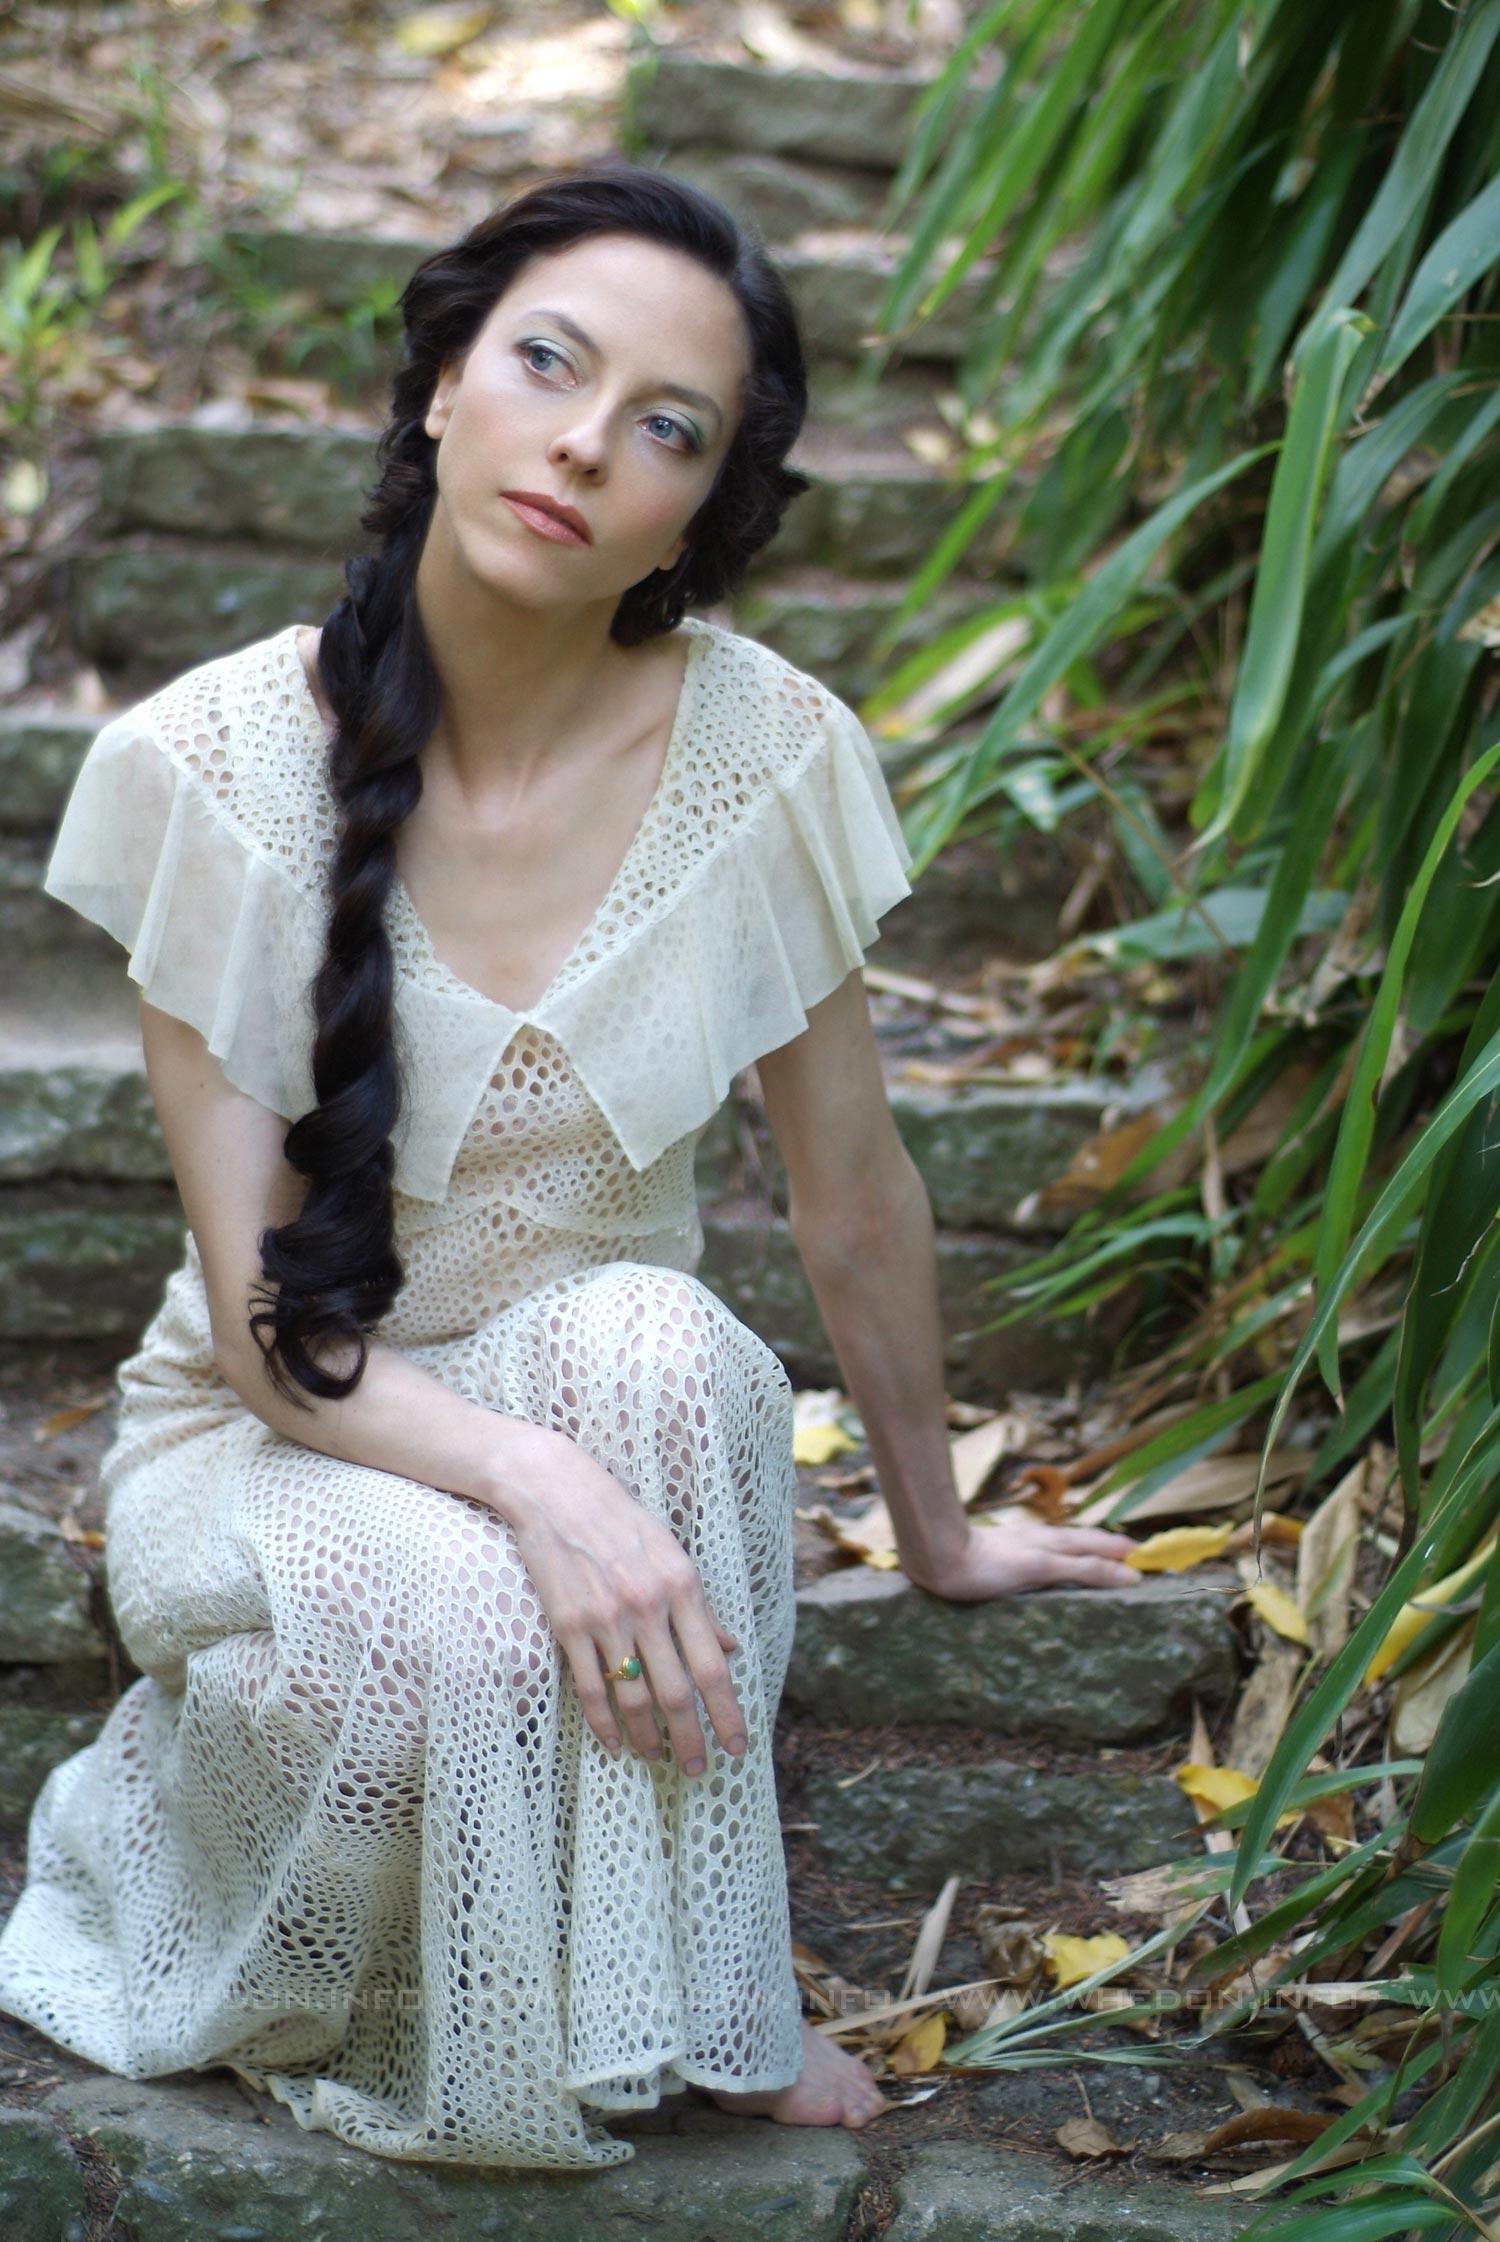 Juliet Landau S Feet